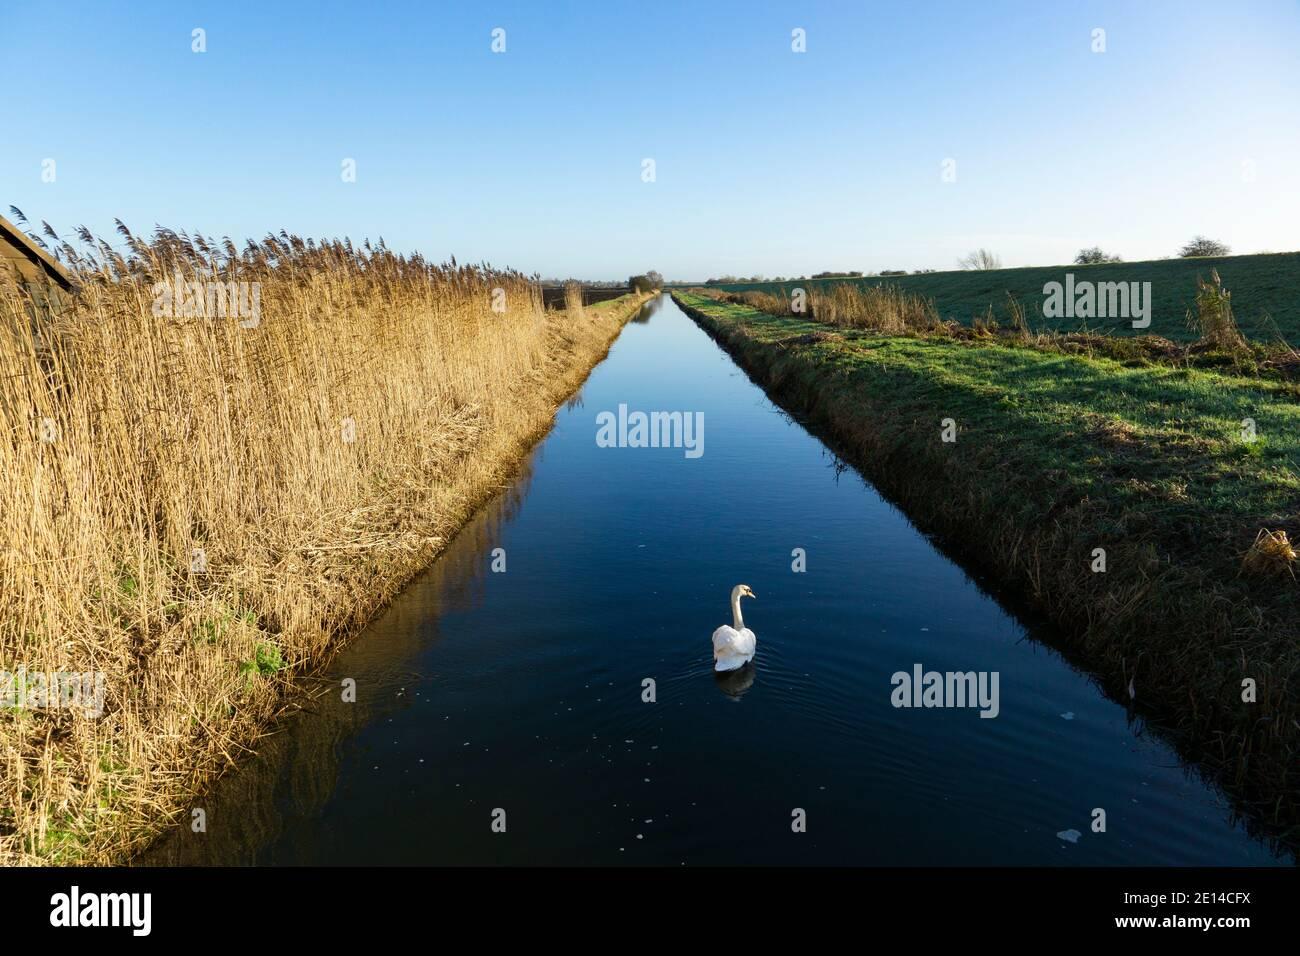 mute-swan-on-water-in-field-drain-2E14CFX.jpg